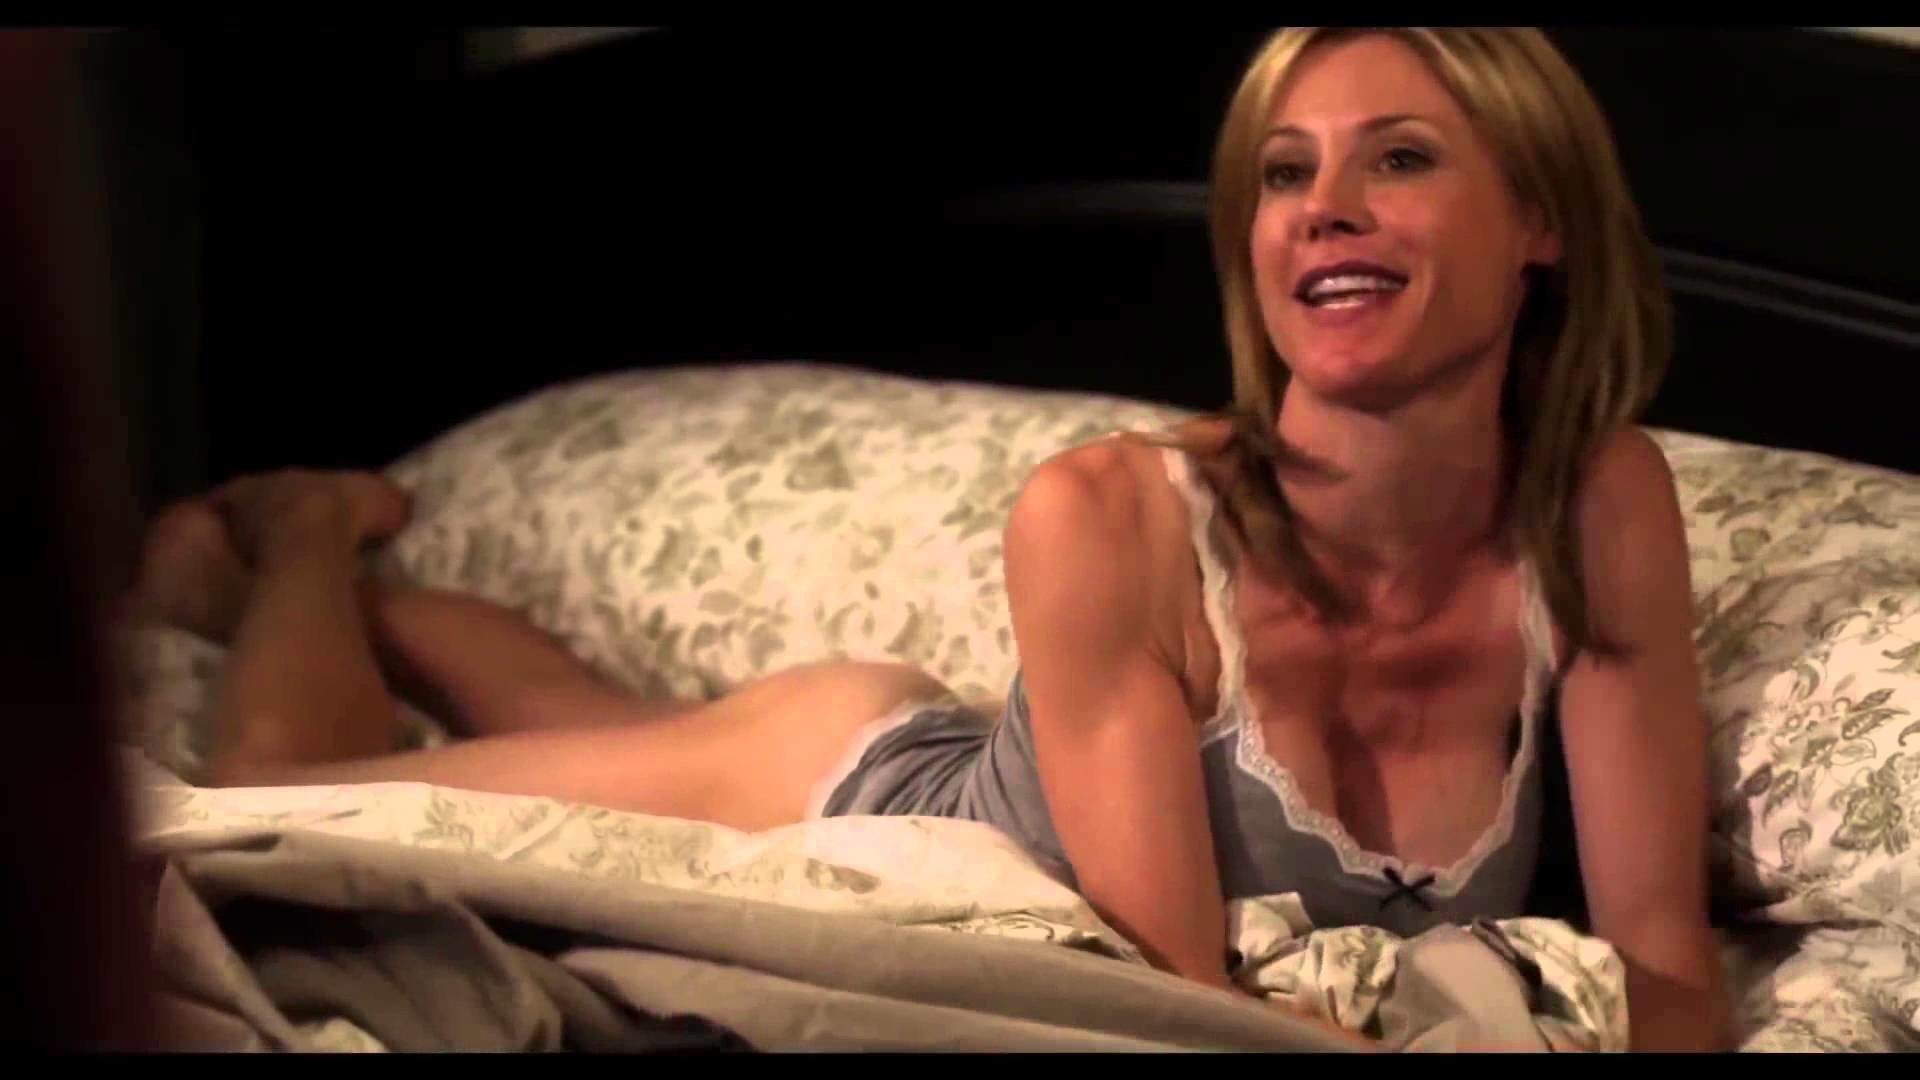 Melanie elyza topless